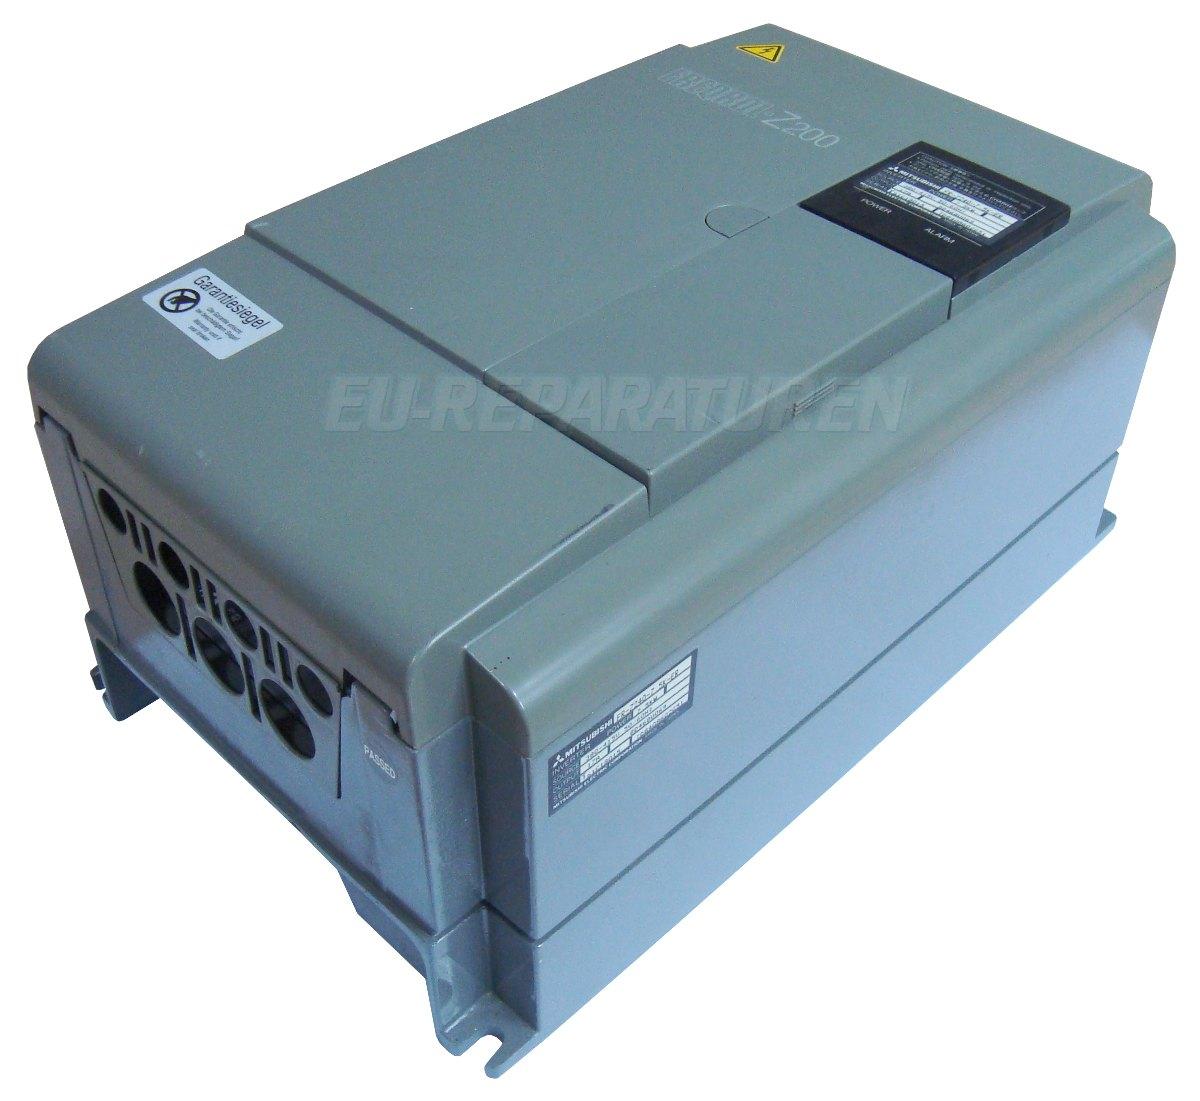 SHOP, Kaufen: MITSUBISHI ELECTRIC FR-Z240-7.5K-ER FREQUENZUMFORMER